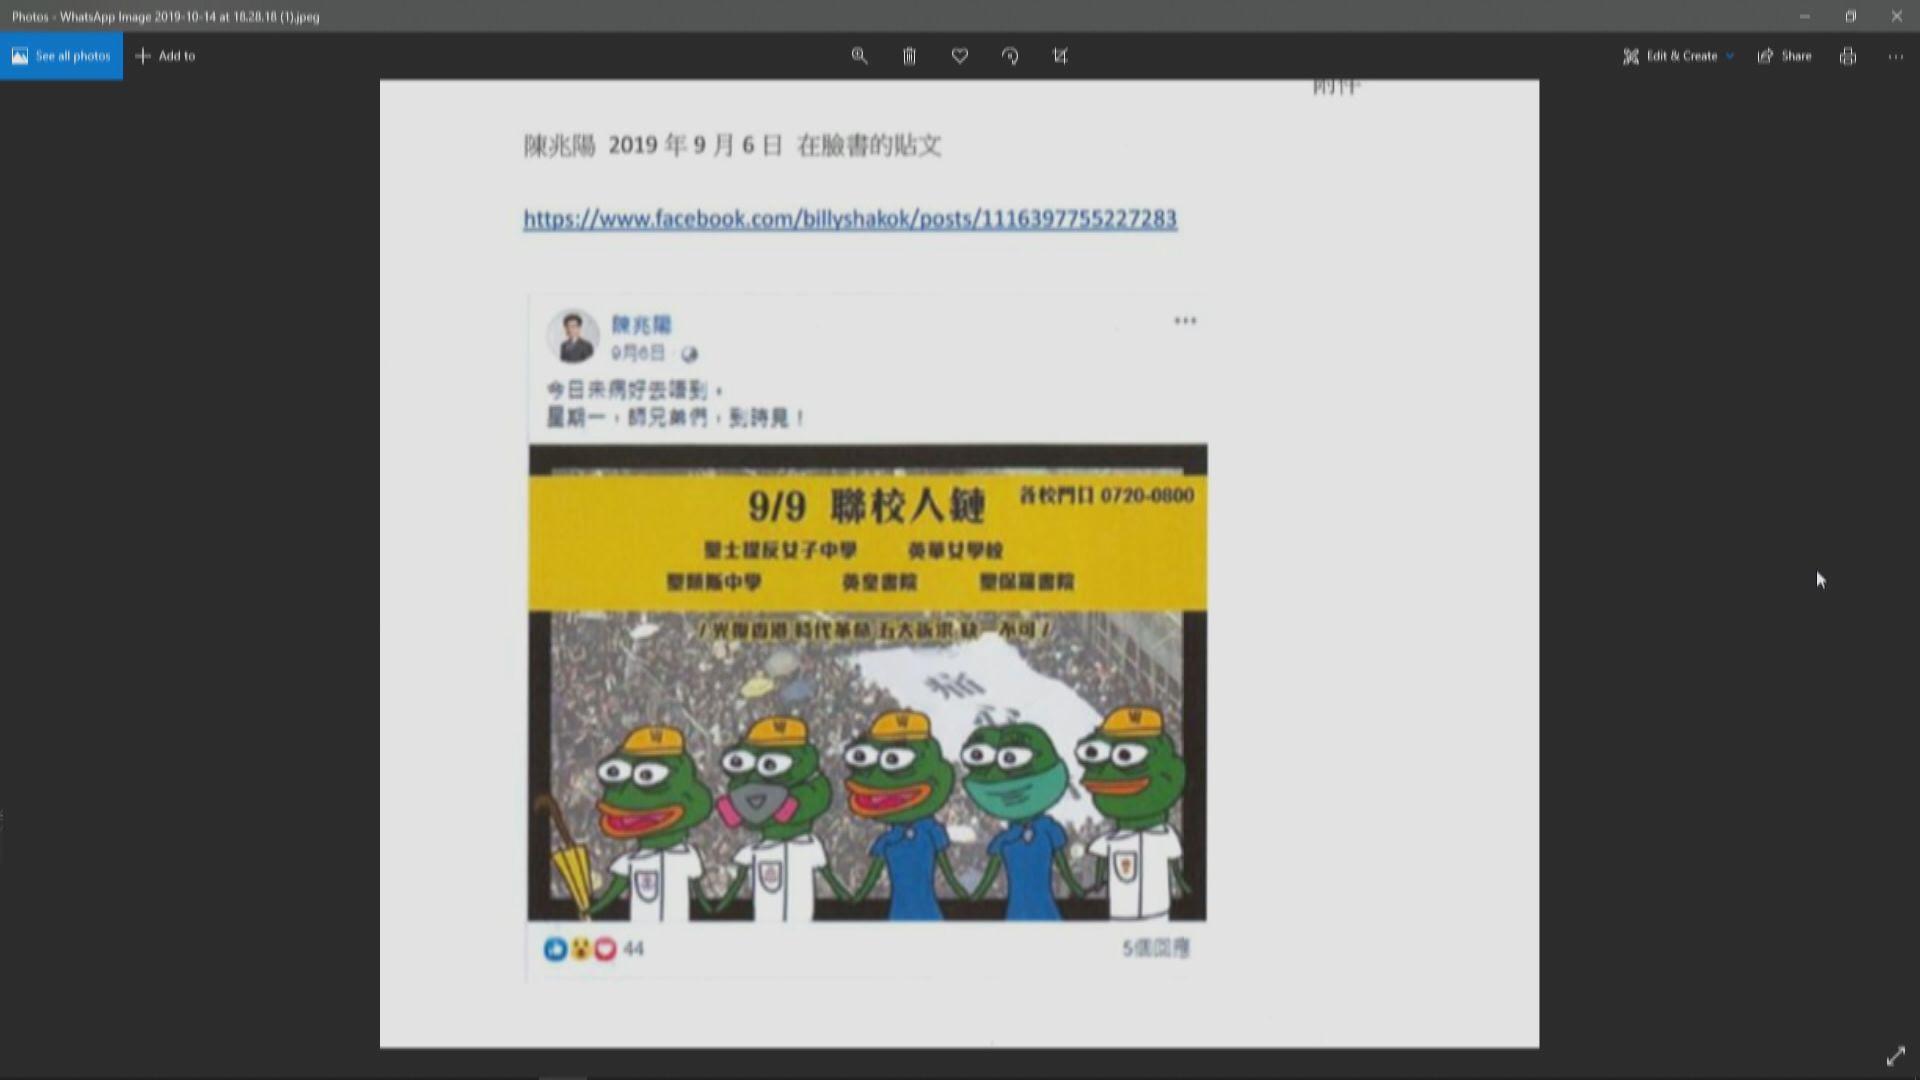 沙田區選舉主任向參選人查詢網上言論含意